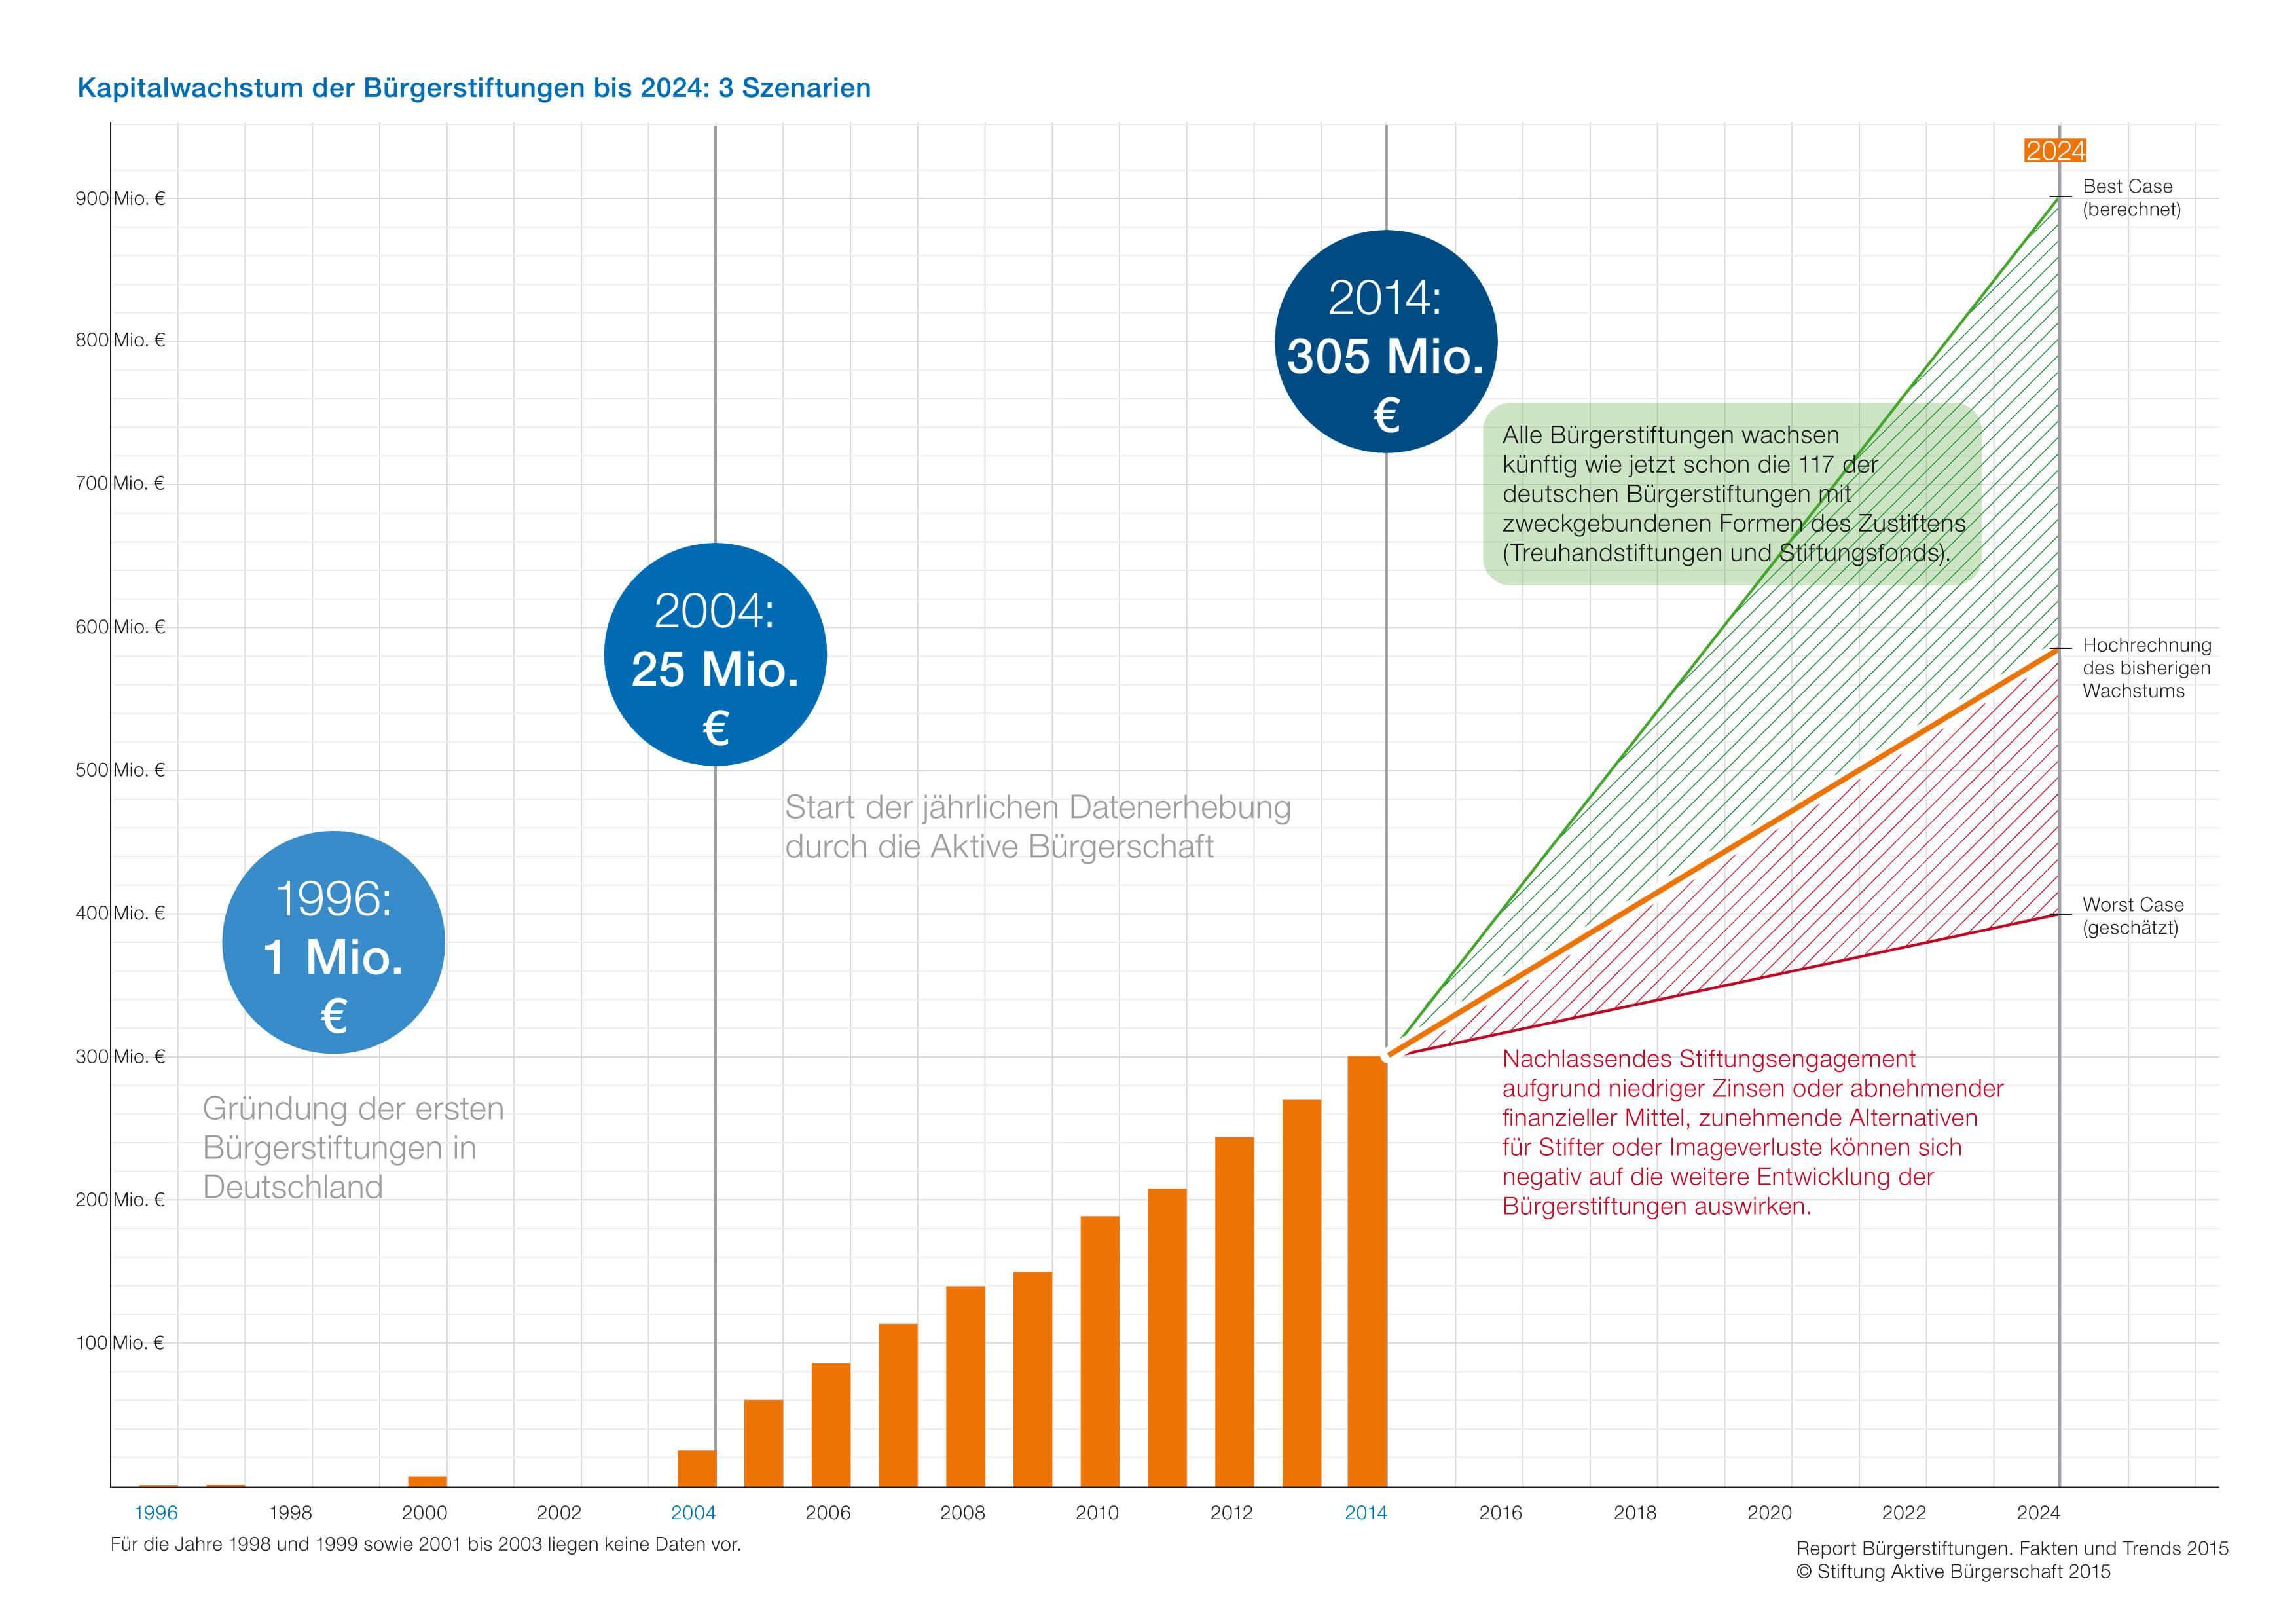 Bürgerstiftungen in Zahlen - Stiftung Aktive Bürgerschaft